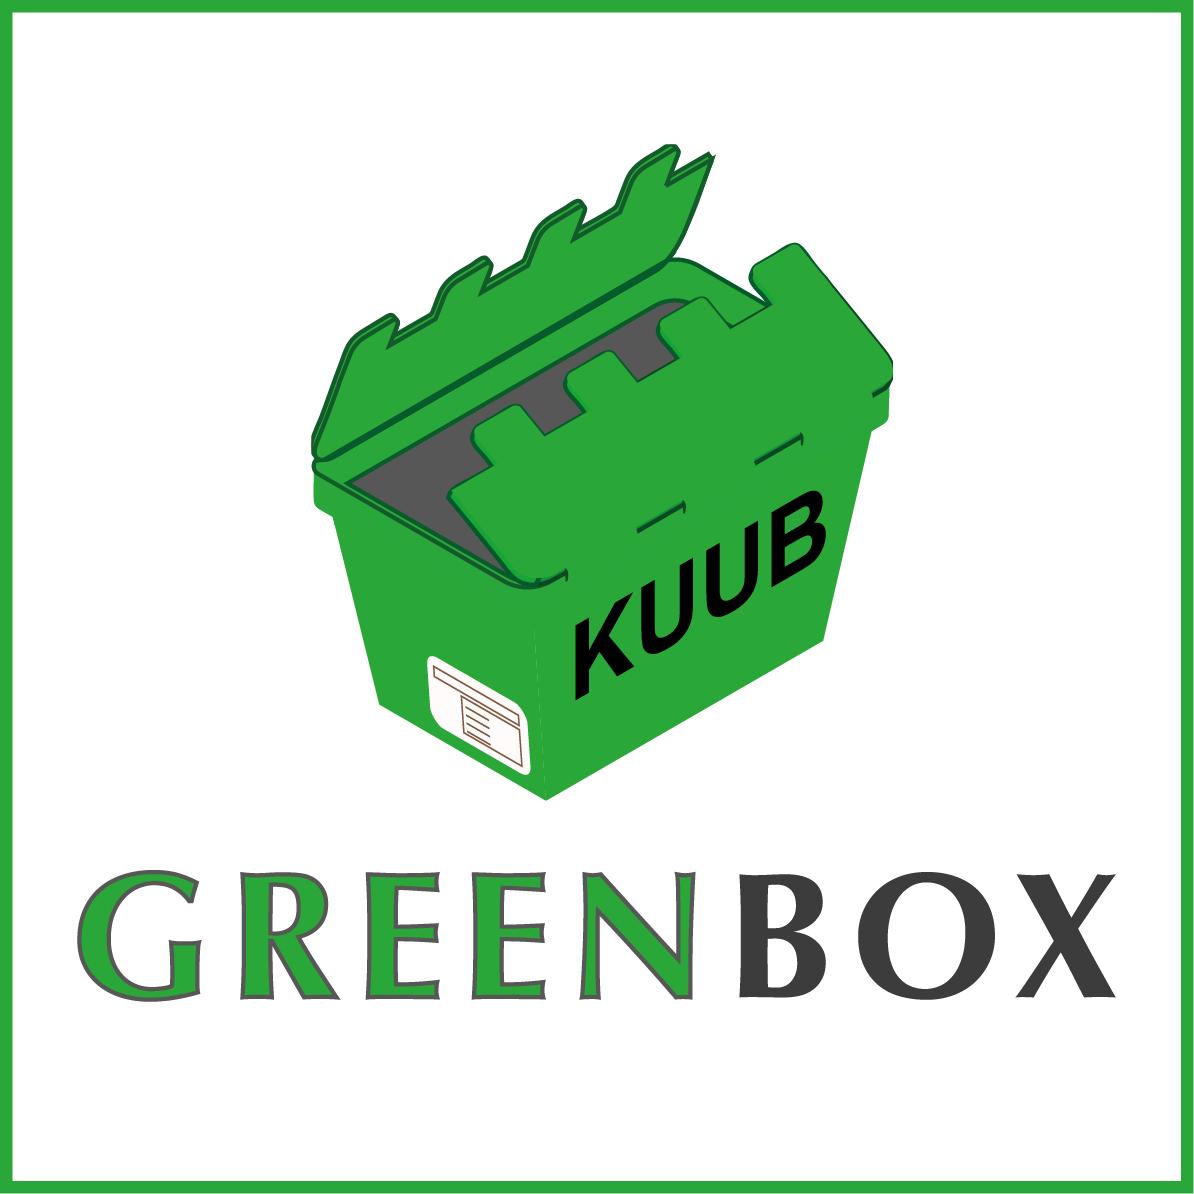 GreenBox zijn sterke, duurzame, herbruiikbare kunststof verhuisdozen.